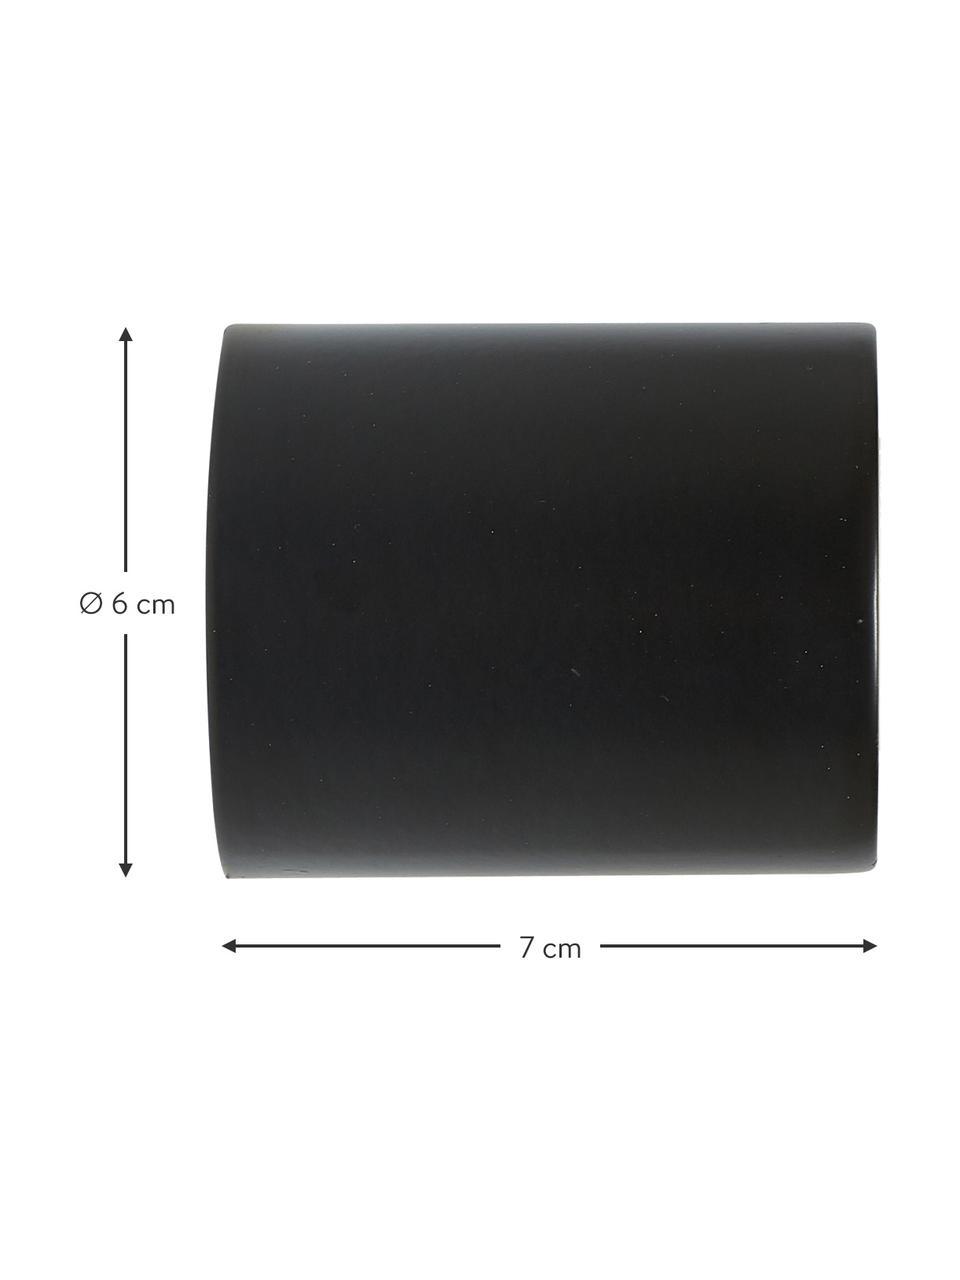 Wand- und Deckenspot Chanty, Schwarz, matt, Ø 6 cm